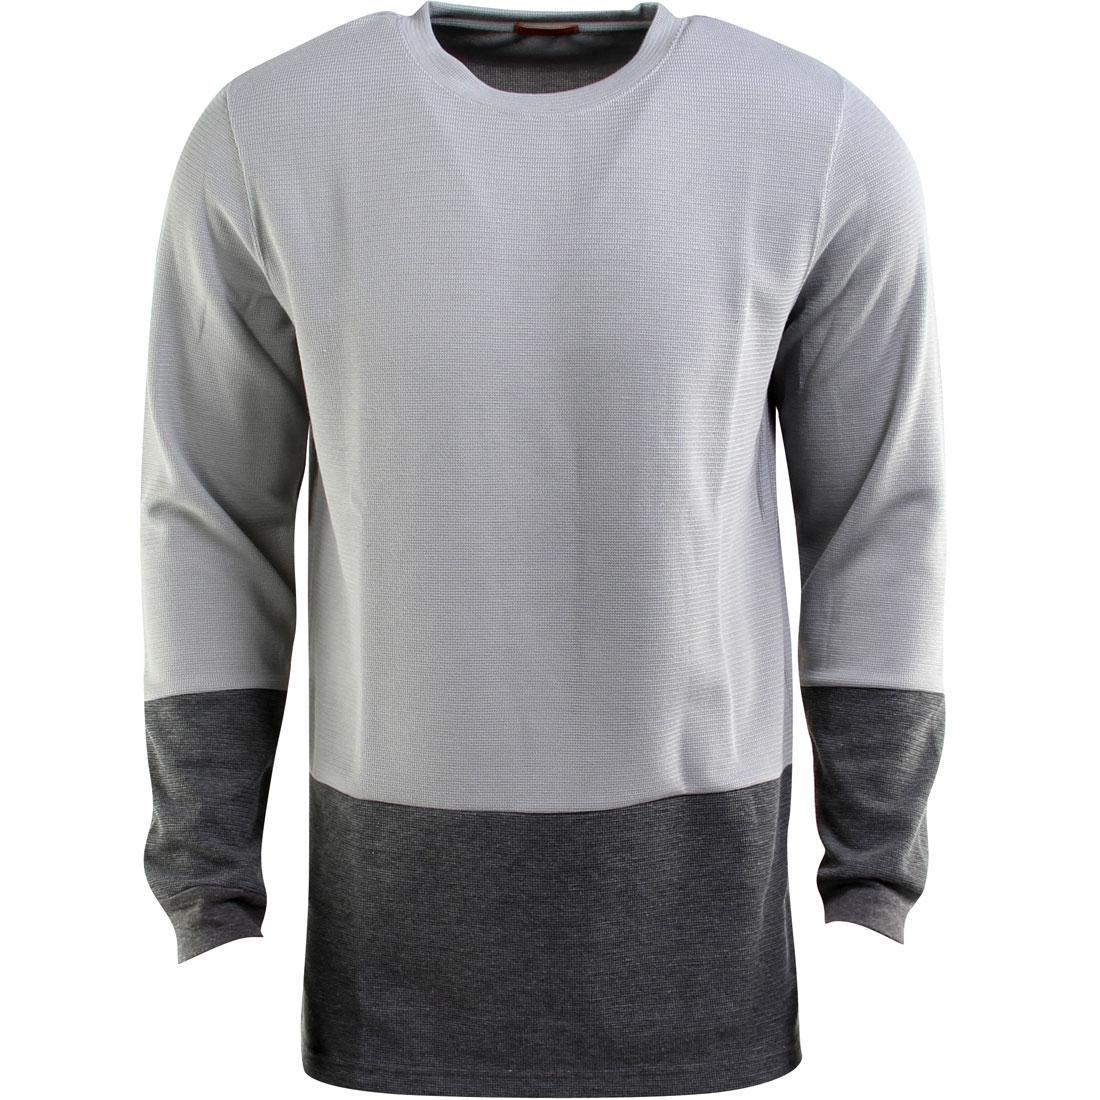 【海外限定】ニット GRAY TOP Tシャツ メンズファッション TEE カットソー【 UNYFORME MURRY KNIT TOP TEE GRAY】, cotton chips:870a6669 --- officewill.xsrv.jp